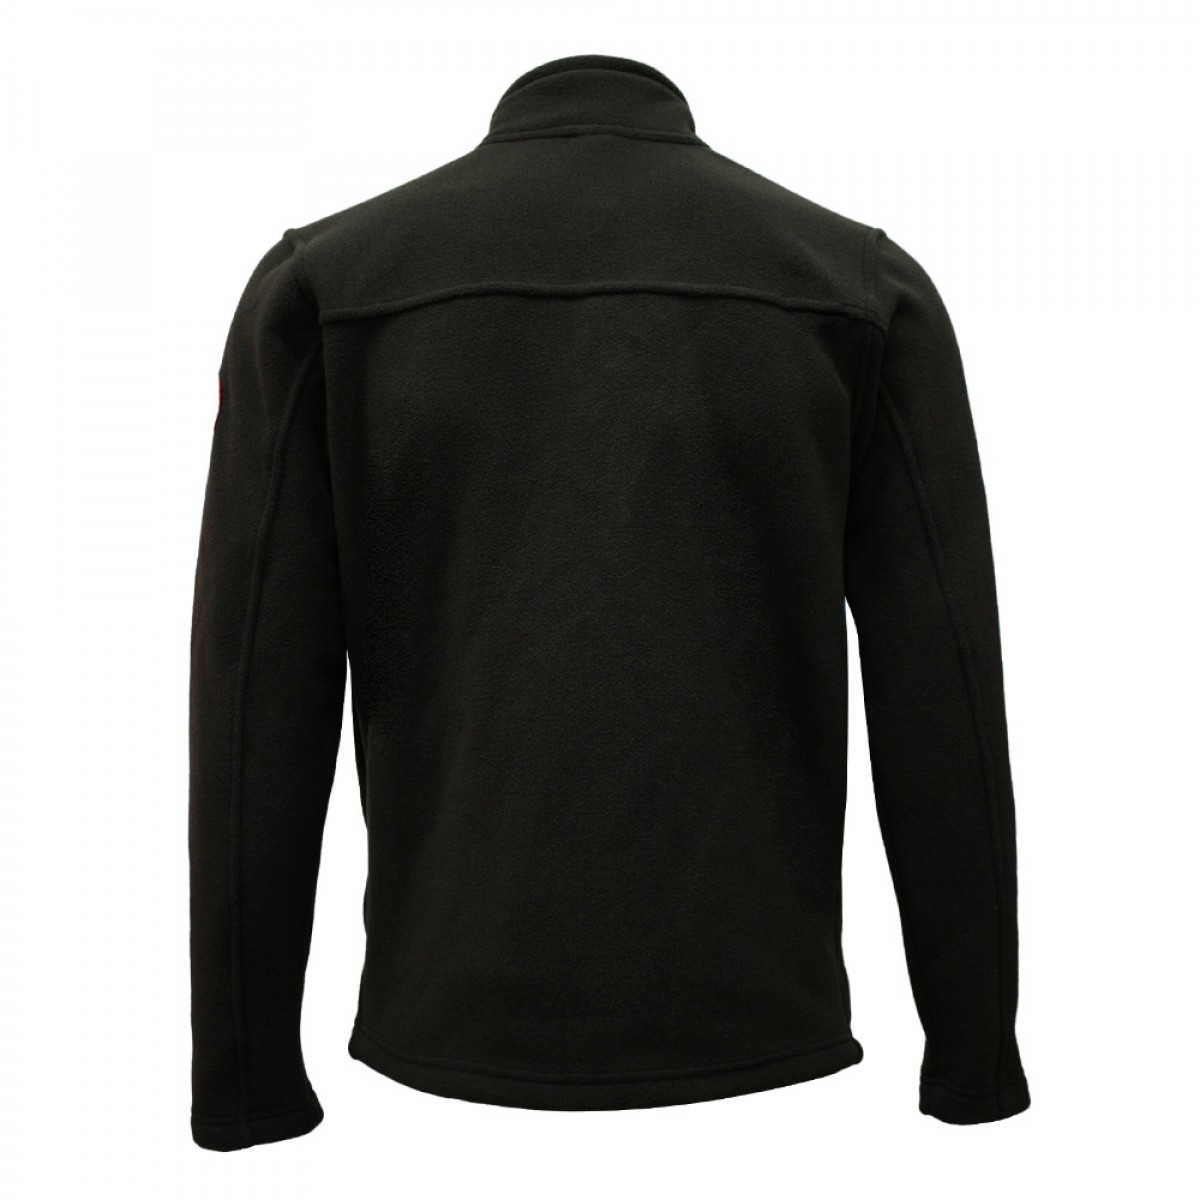 men-fleece-thick-layer-jacket-kfj95630-12a